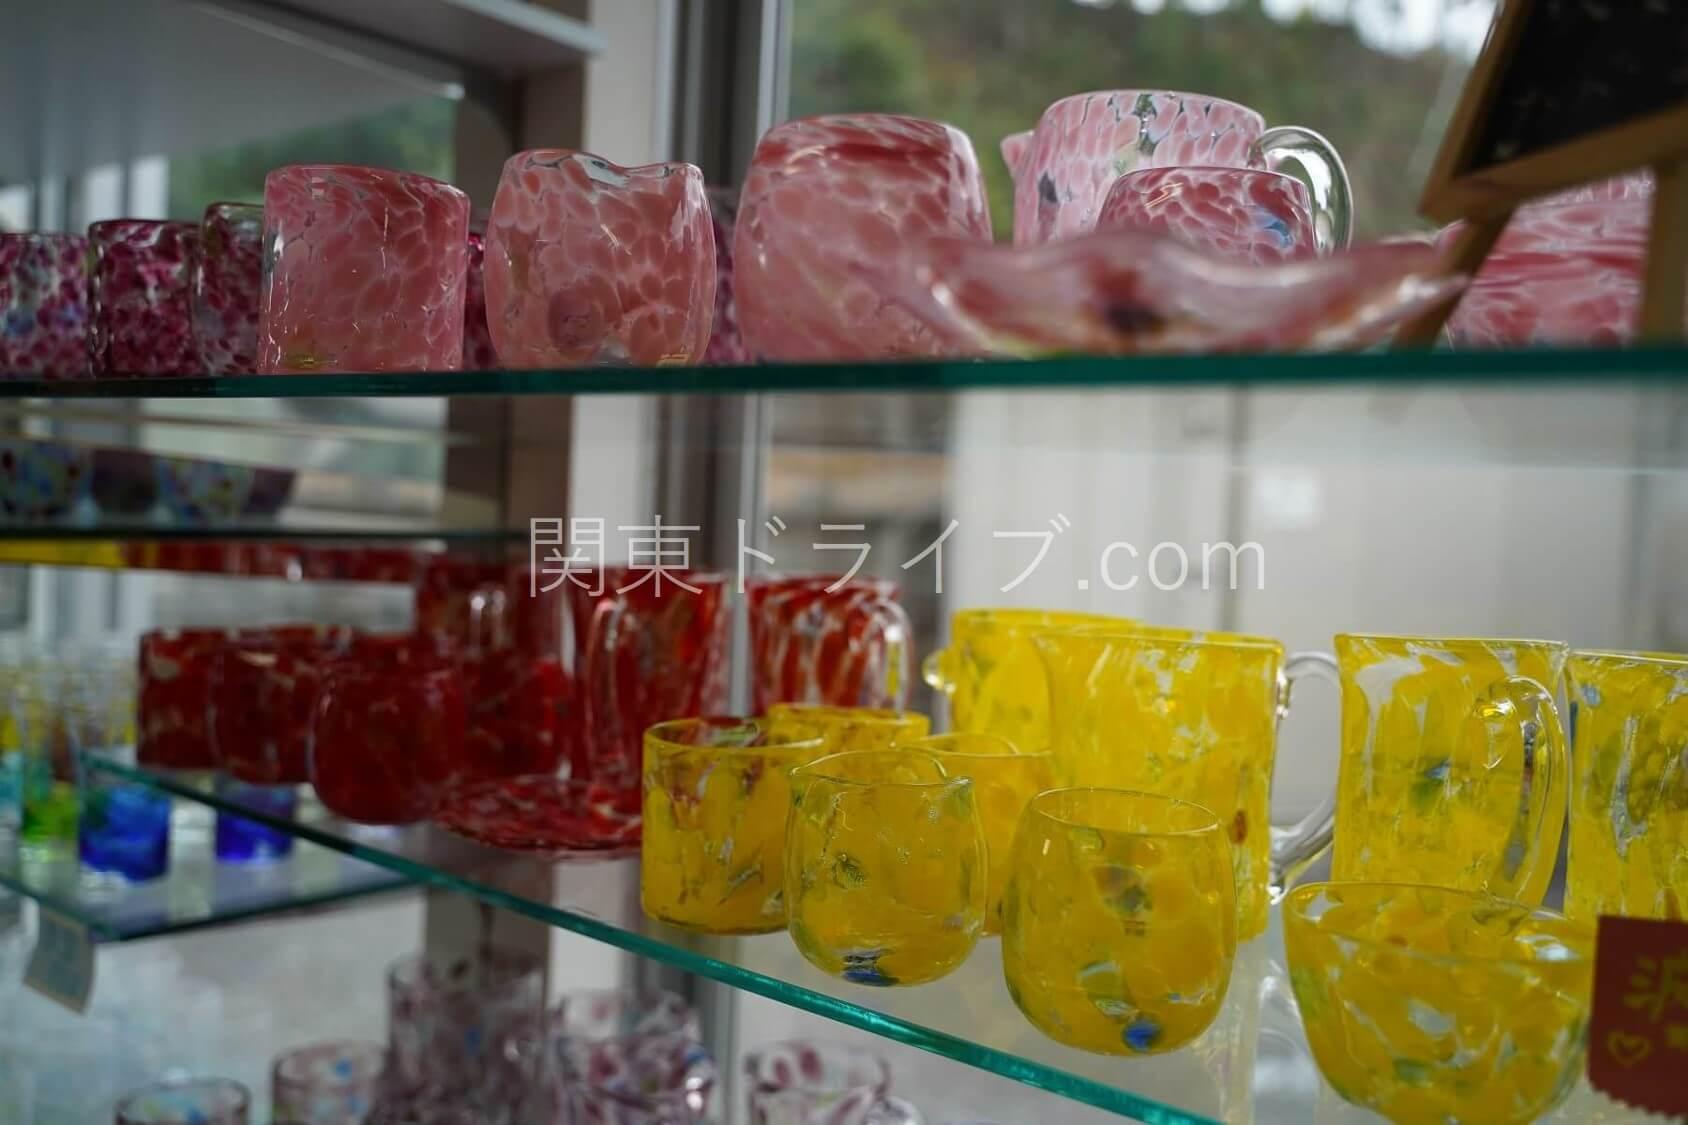 「匠工房」の琉球ガラス6